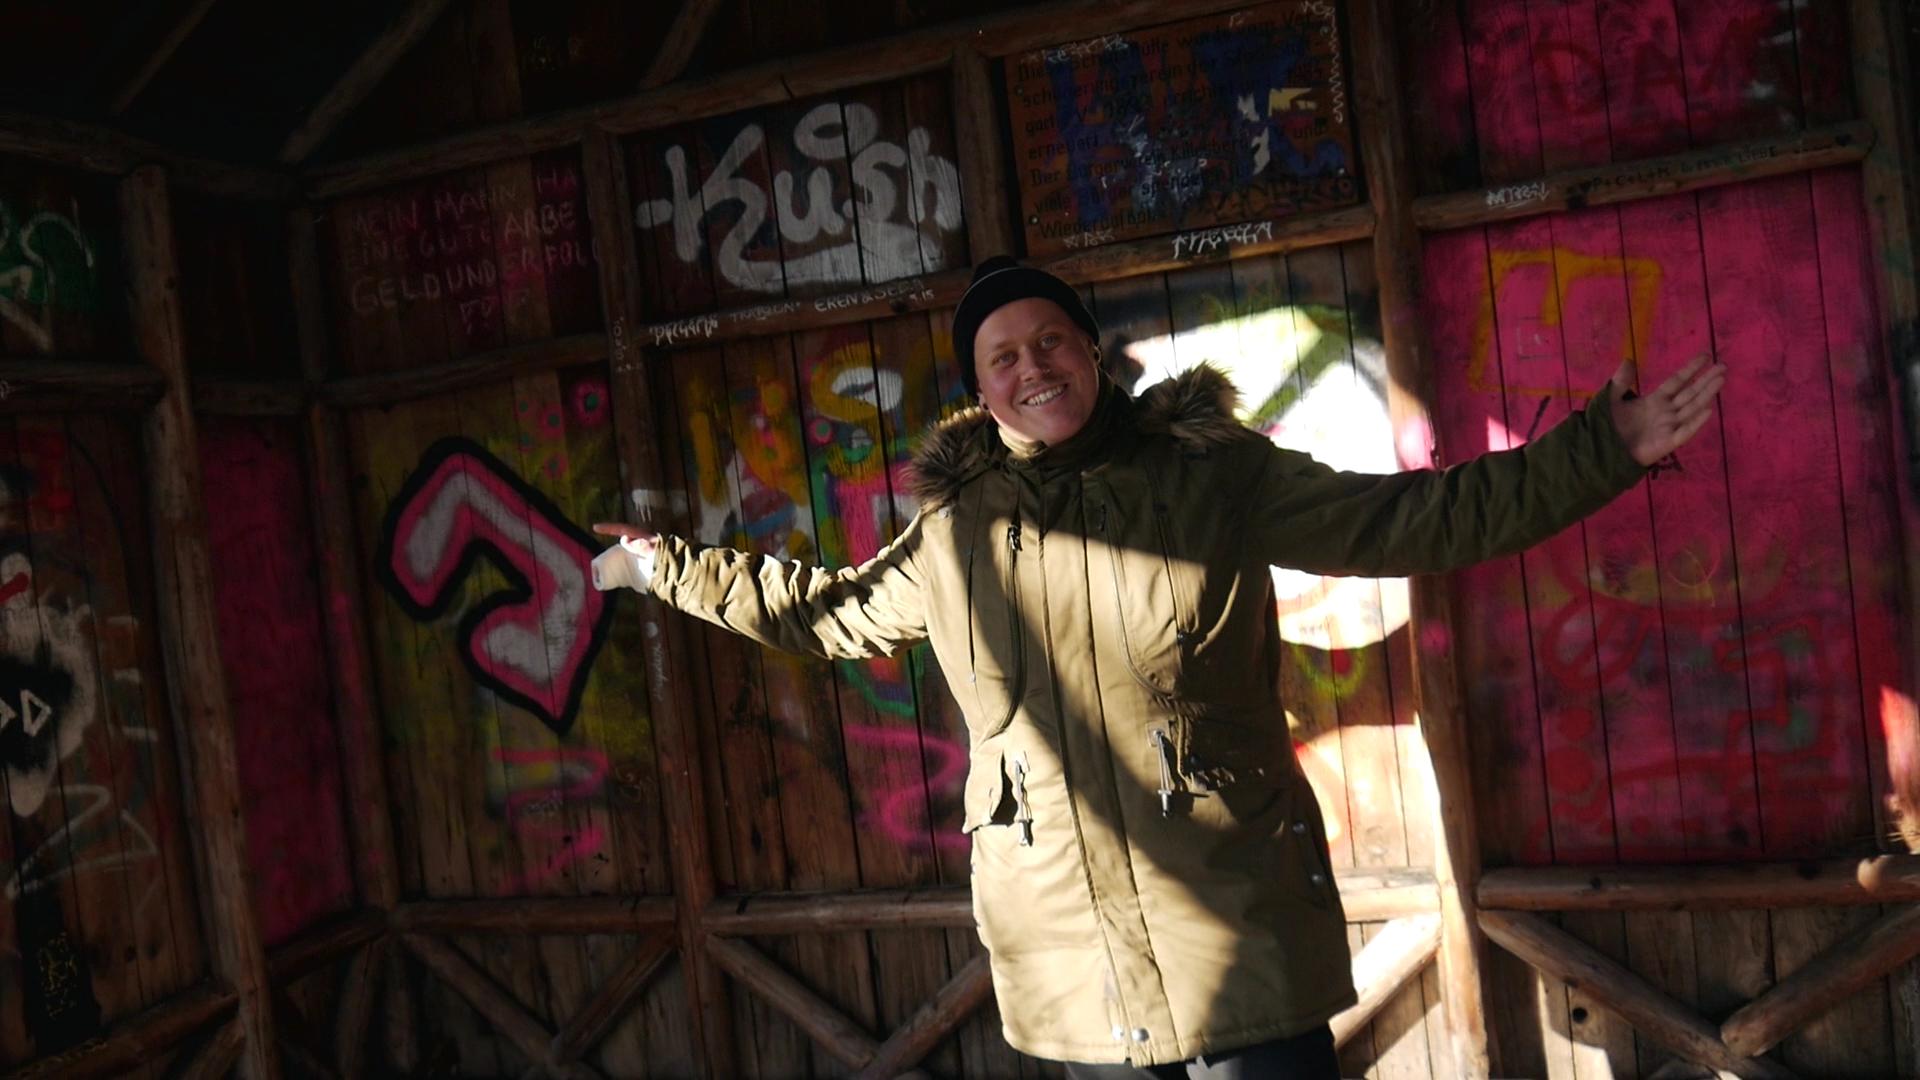 Mann steht mit ausgestreckten Armen vor Wand mit Graffiti